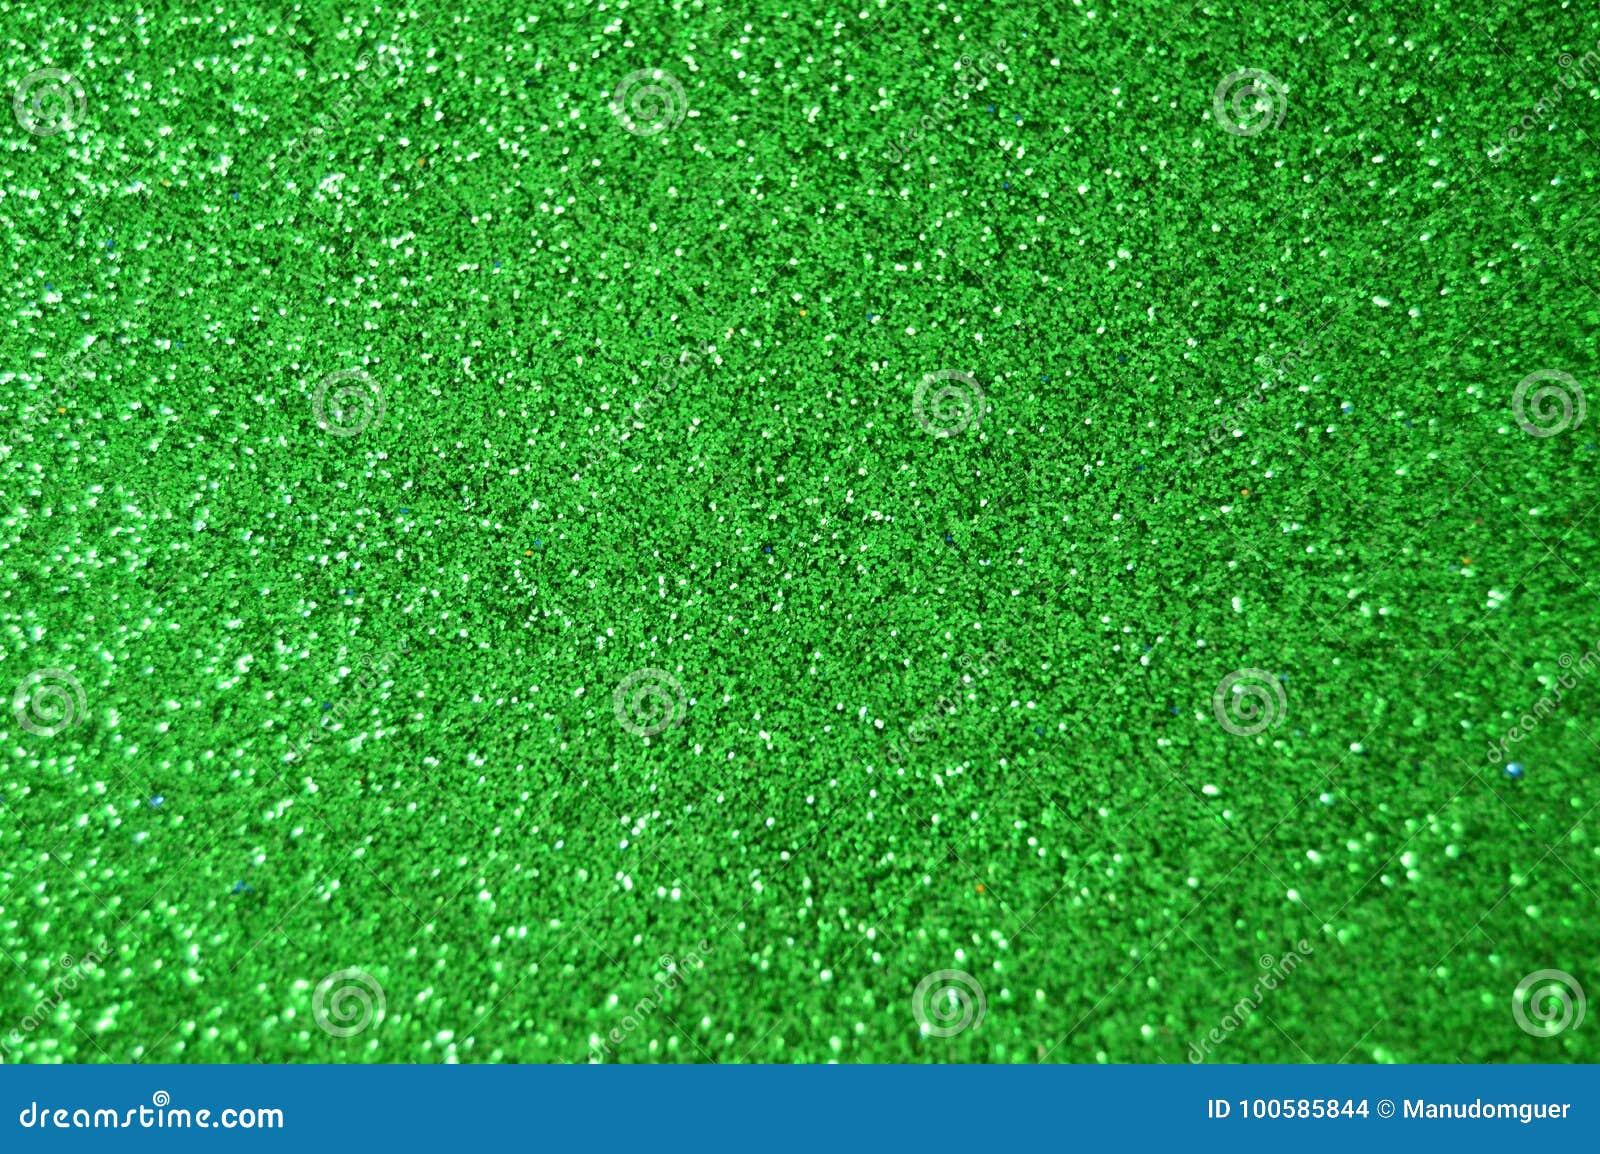 Grüner Scheinfunkelnhintergrund Feiertag, Weihnachten, Valentinsgrüße, Schönheit und Nägel extrahieren Beschaffenheit